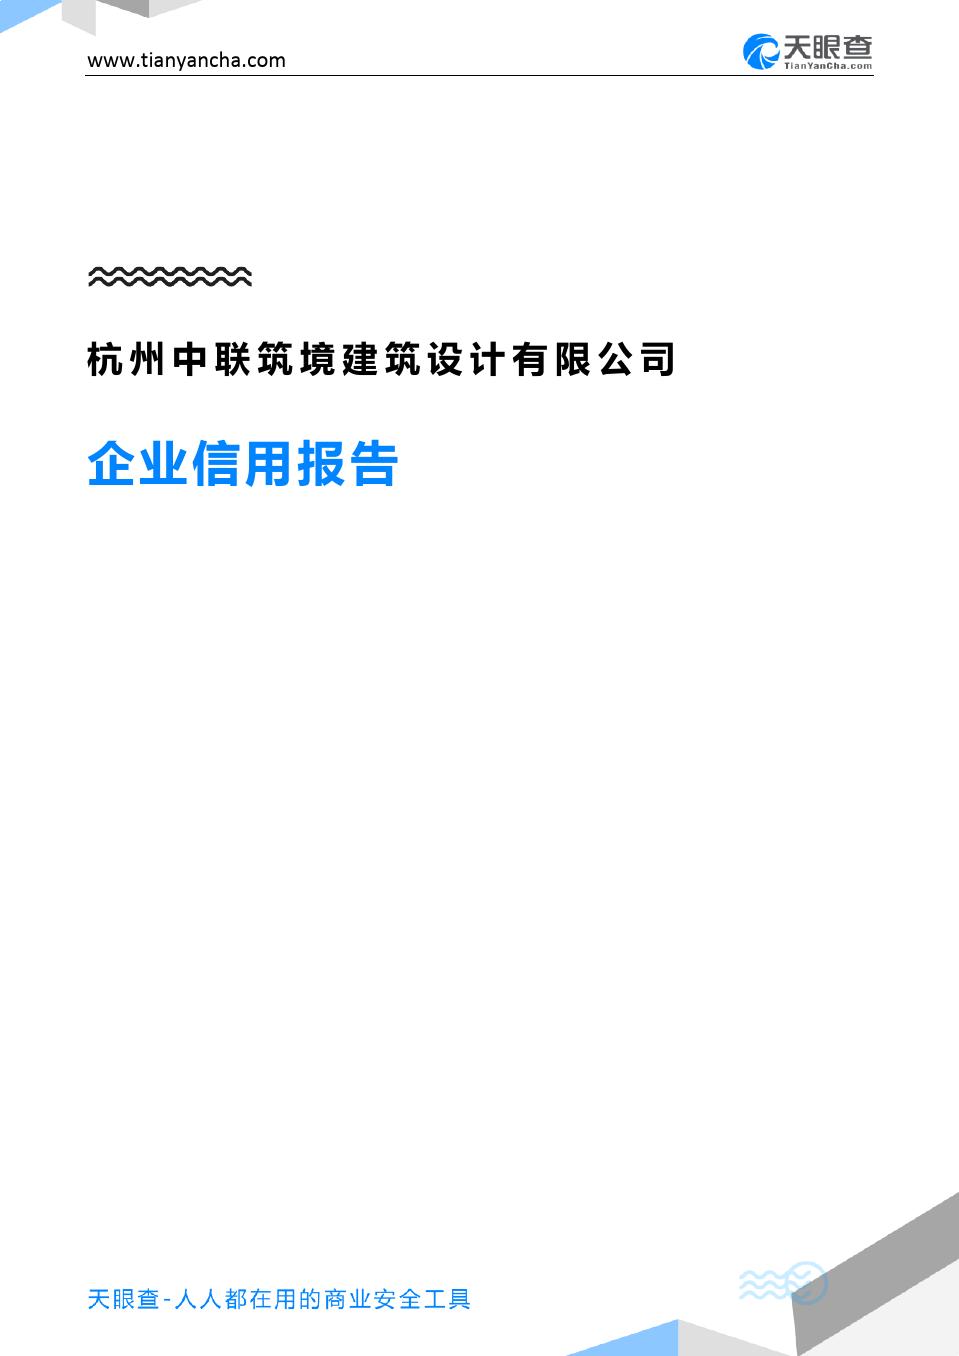 杭州中联筑境建筑设计有限公司(企业信用报告)- 天眼查